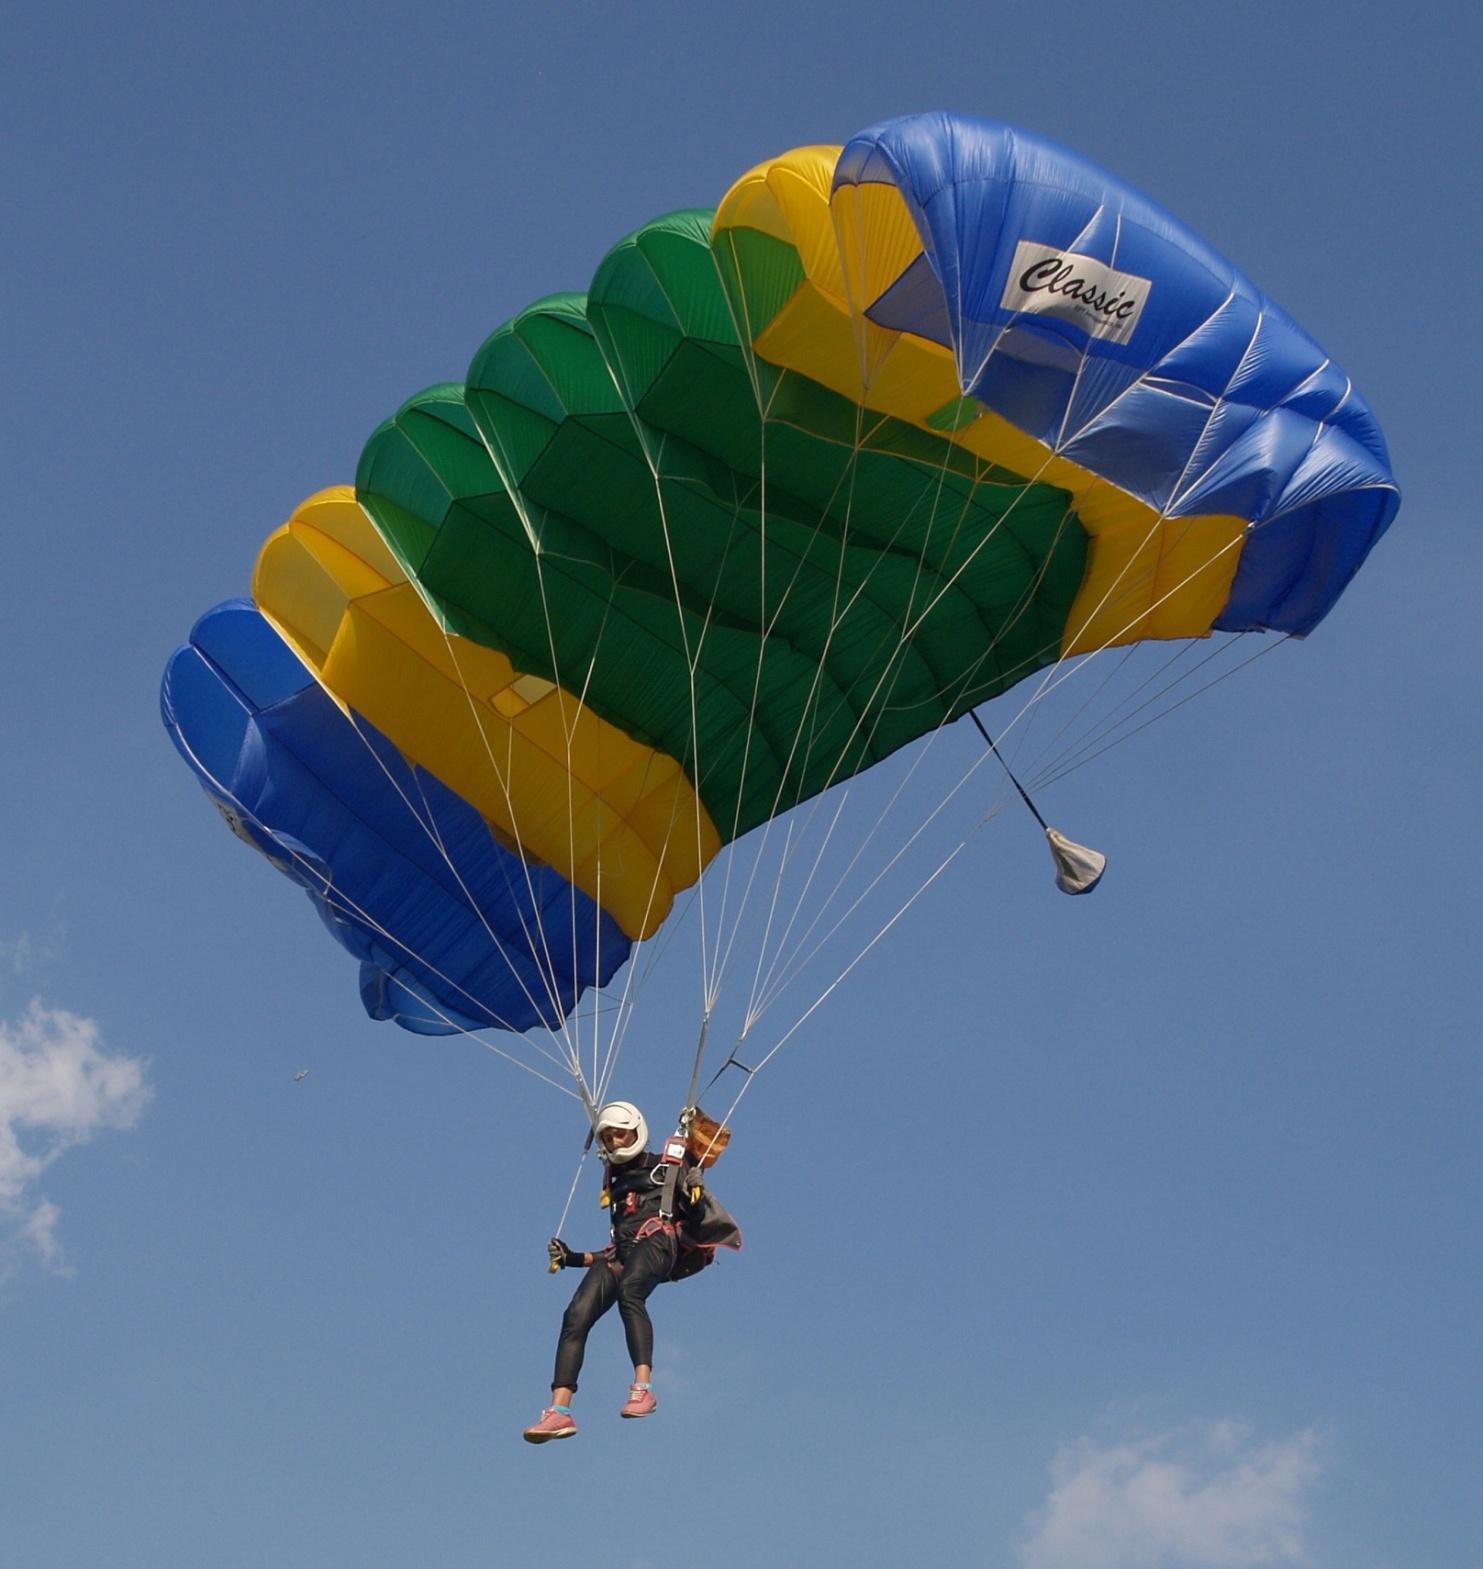 официальный картинки и фото парашютов видят, что